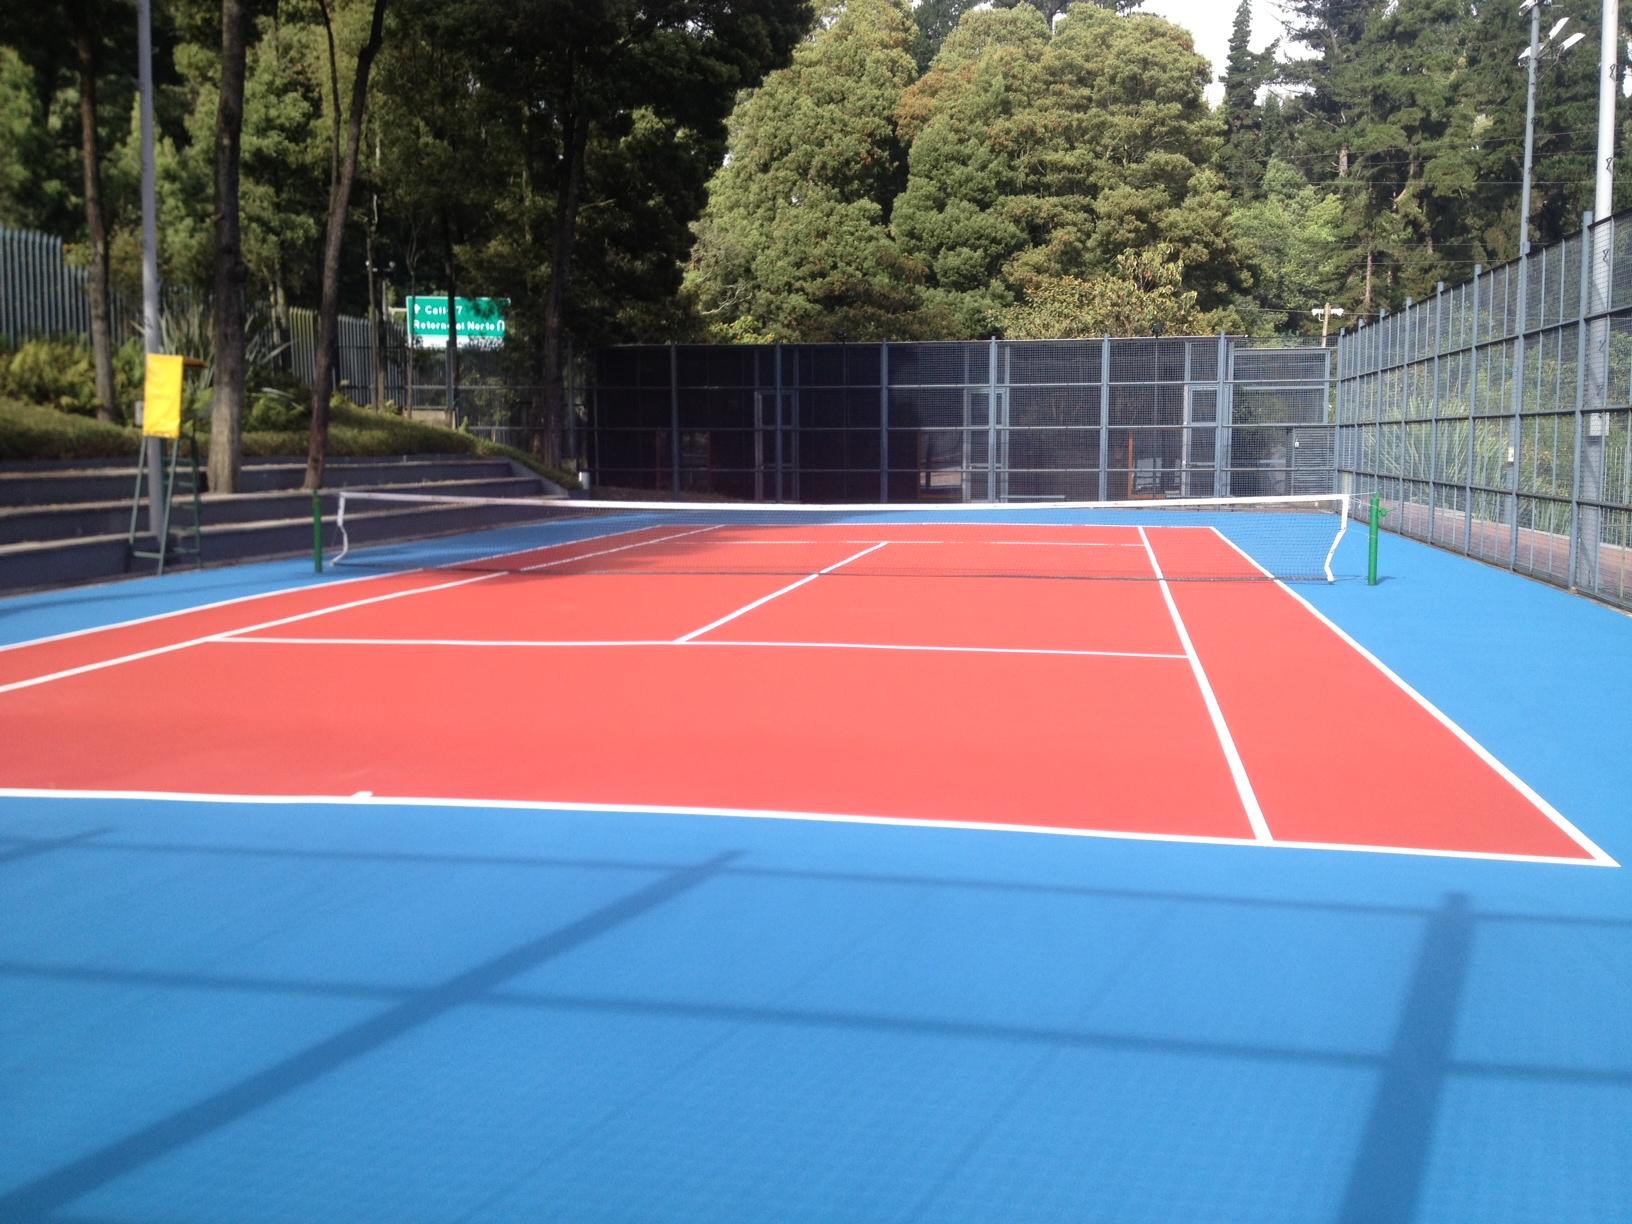 192a9d57e56 Somos especialistas en subbases y hormigones porosos. Elaboramos pistas de  tenis con distintos ...